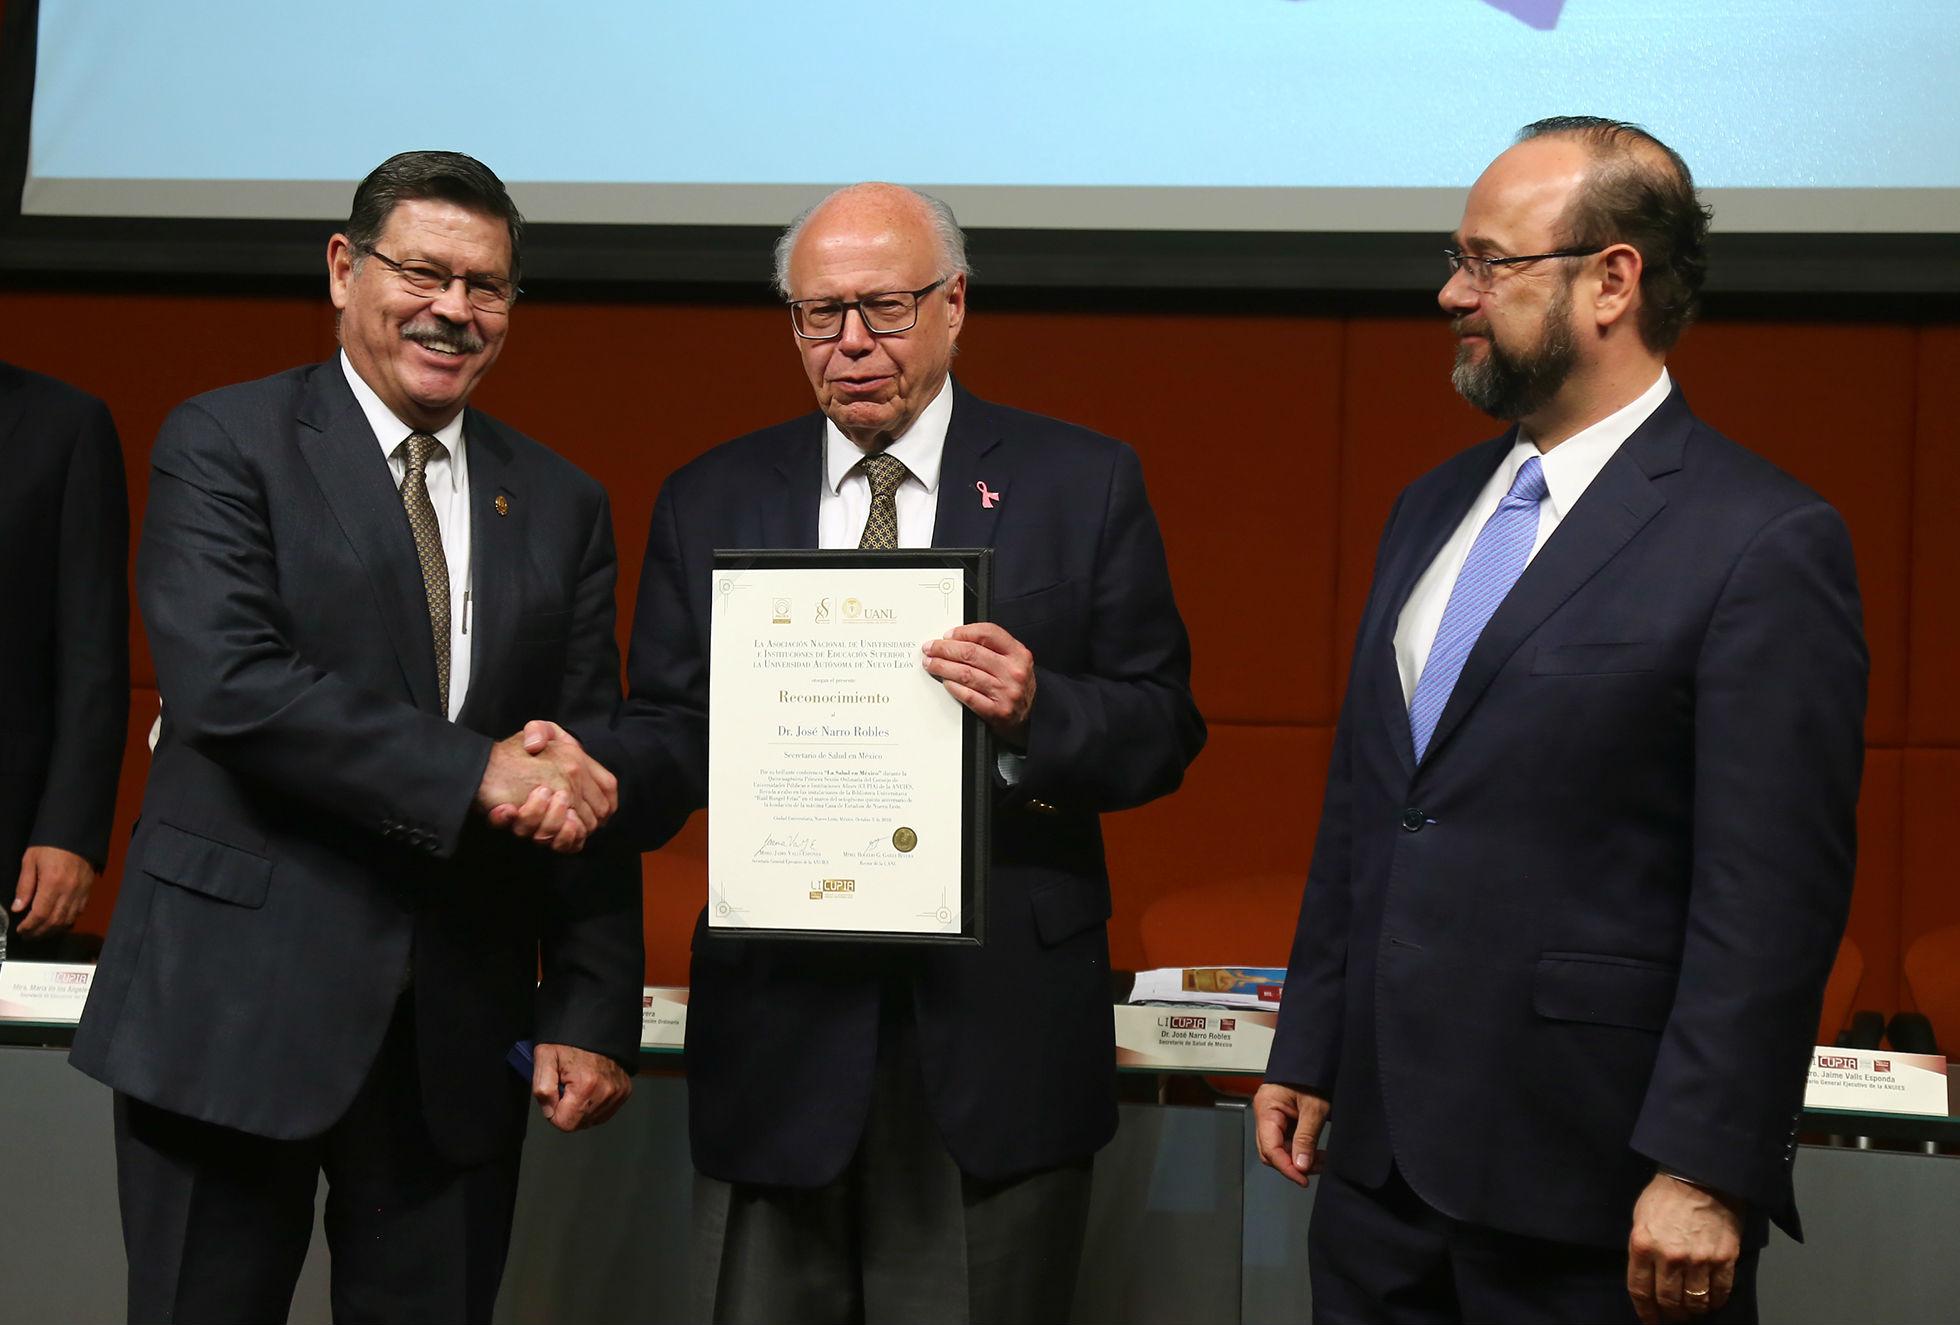 El Rector de la UANL, Rogelio Garza Rivera le entregó un reconocimiento a José Narro Robles